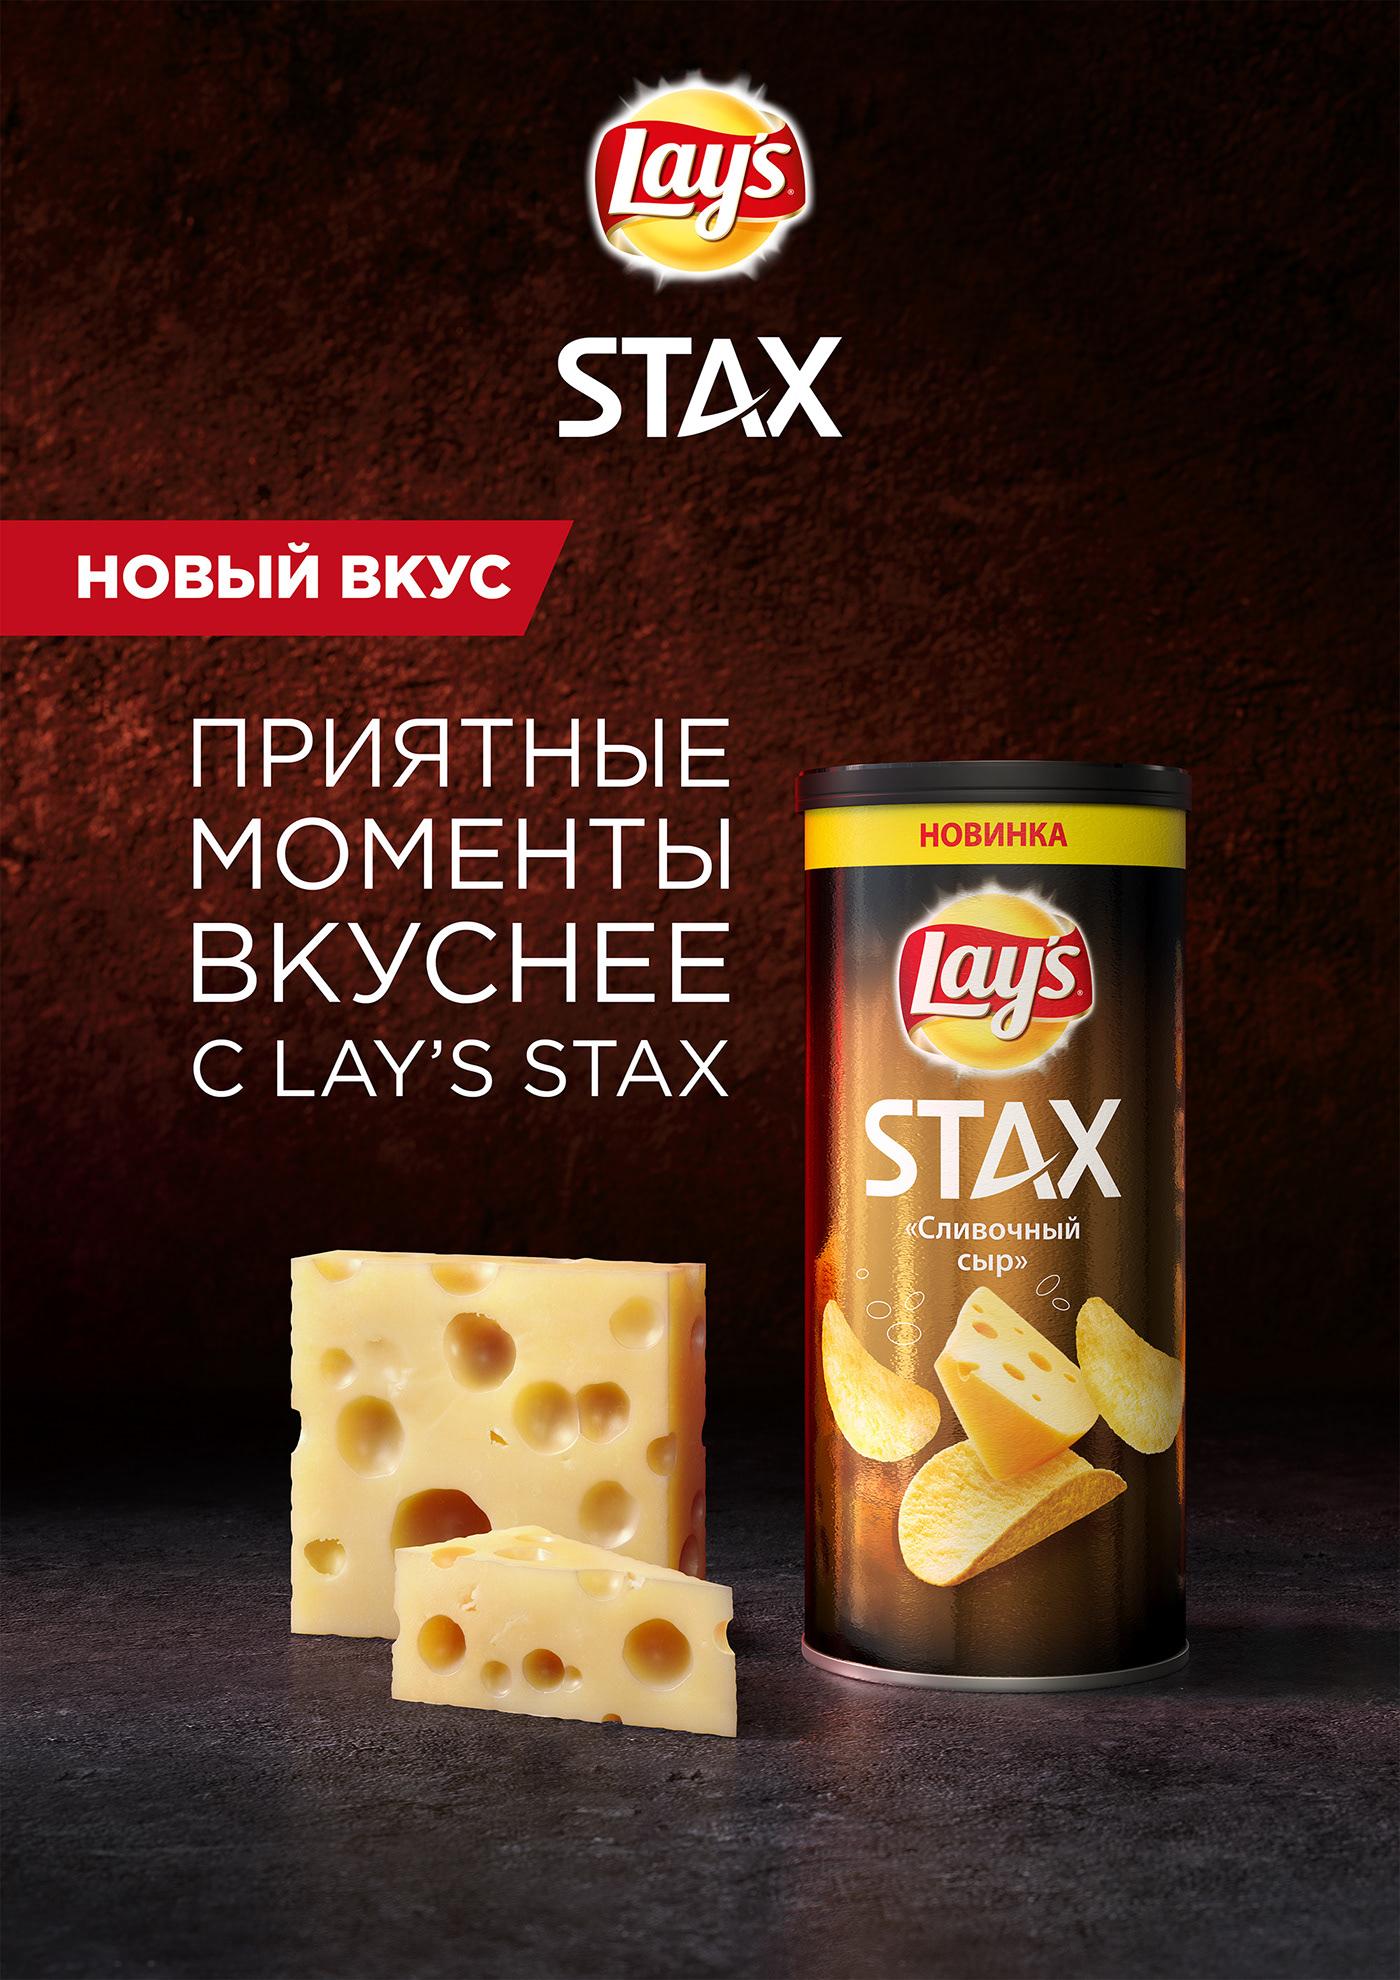 Lays CGI stax corona